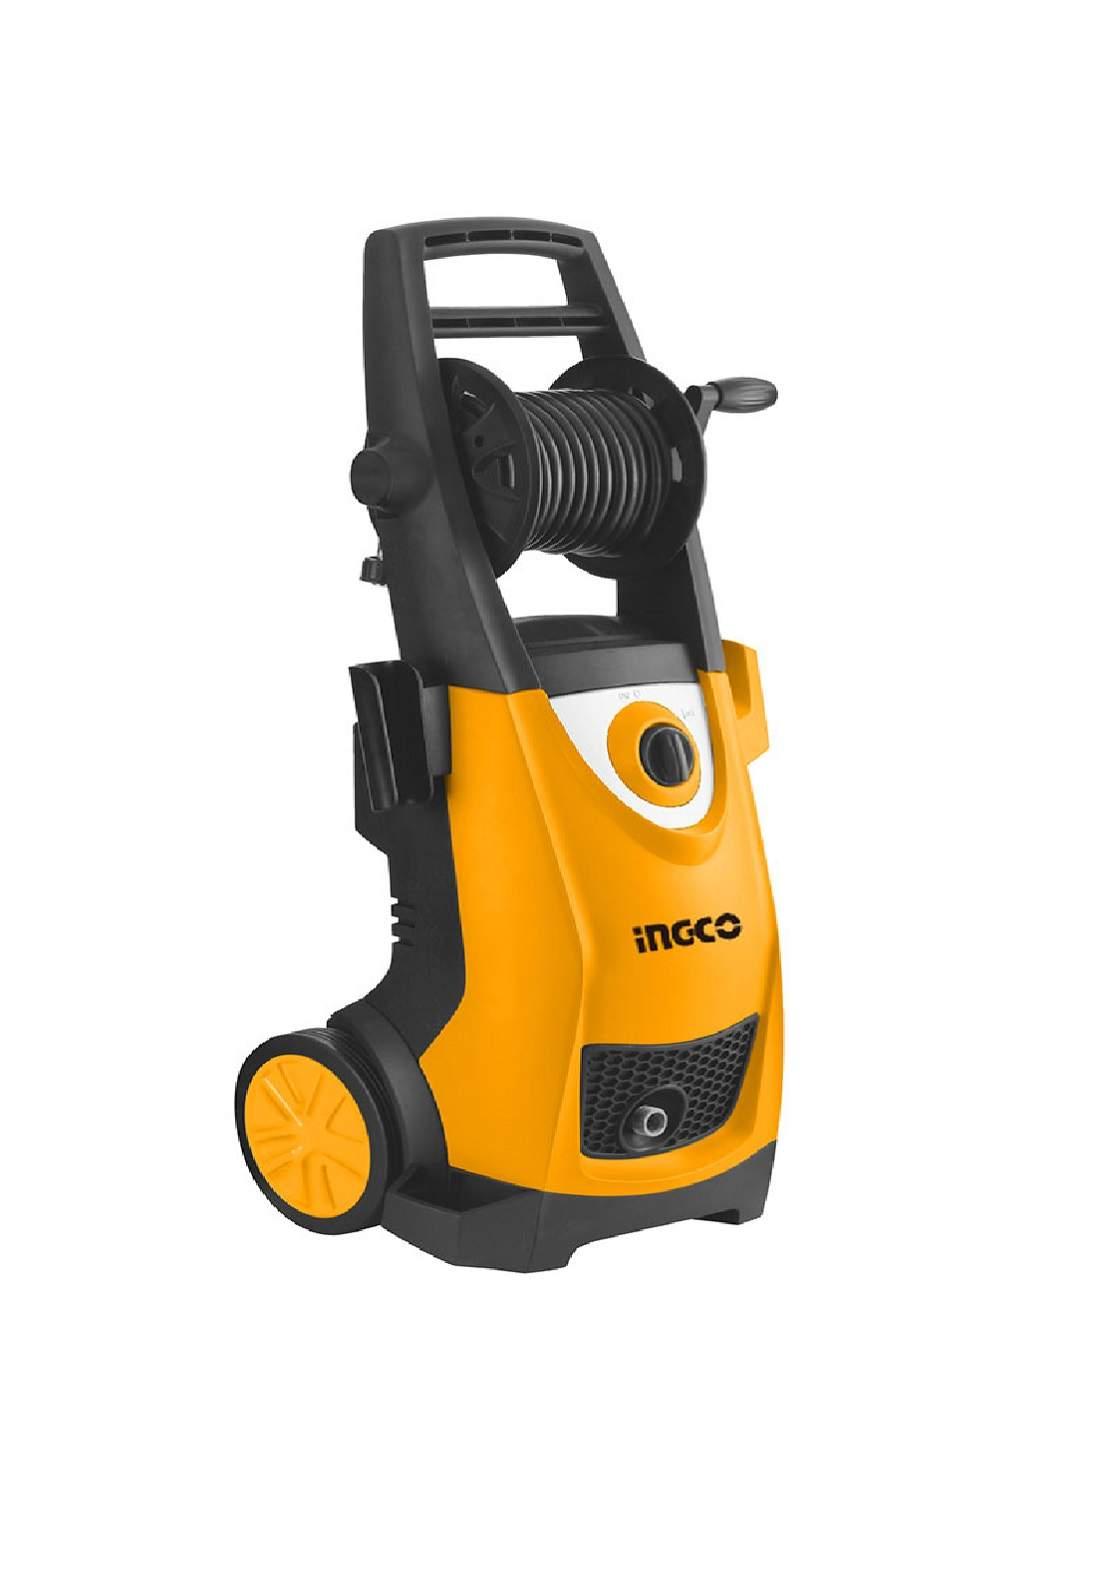 INGCO HPWR28001 High Pressure Washer 2800 Watt -180 Bar فارة